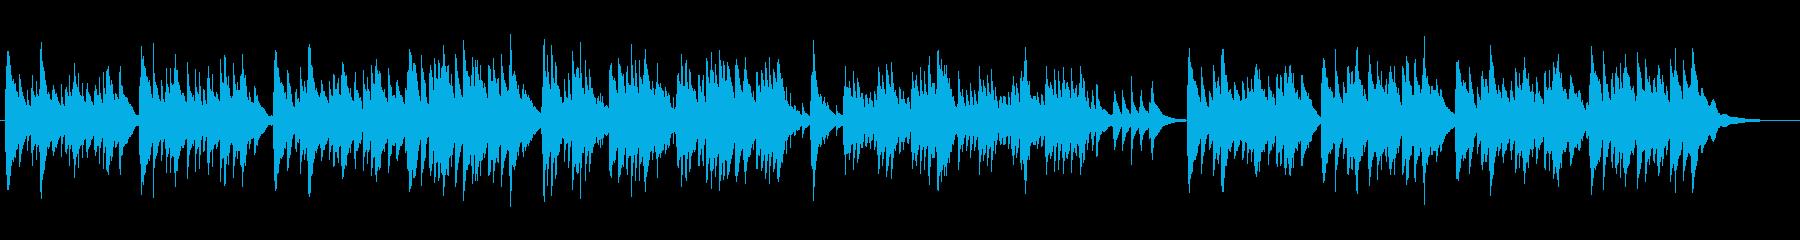 アルバム写真と共に聴きたいオルゴール曲の再生済みの波形